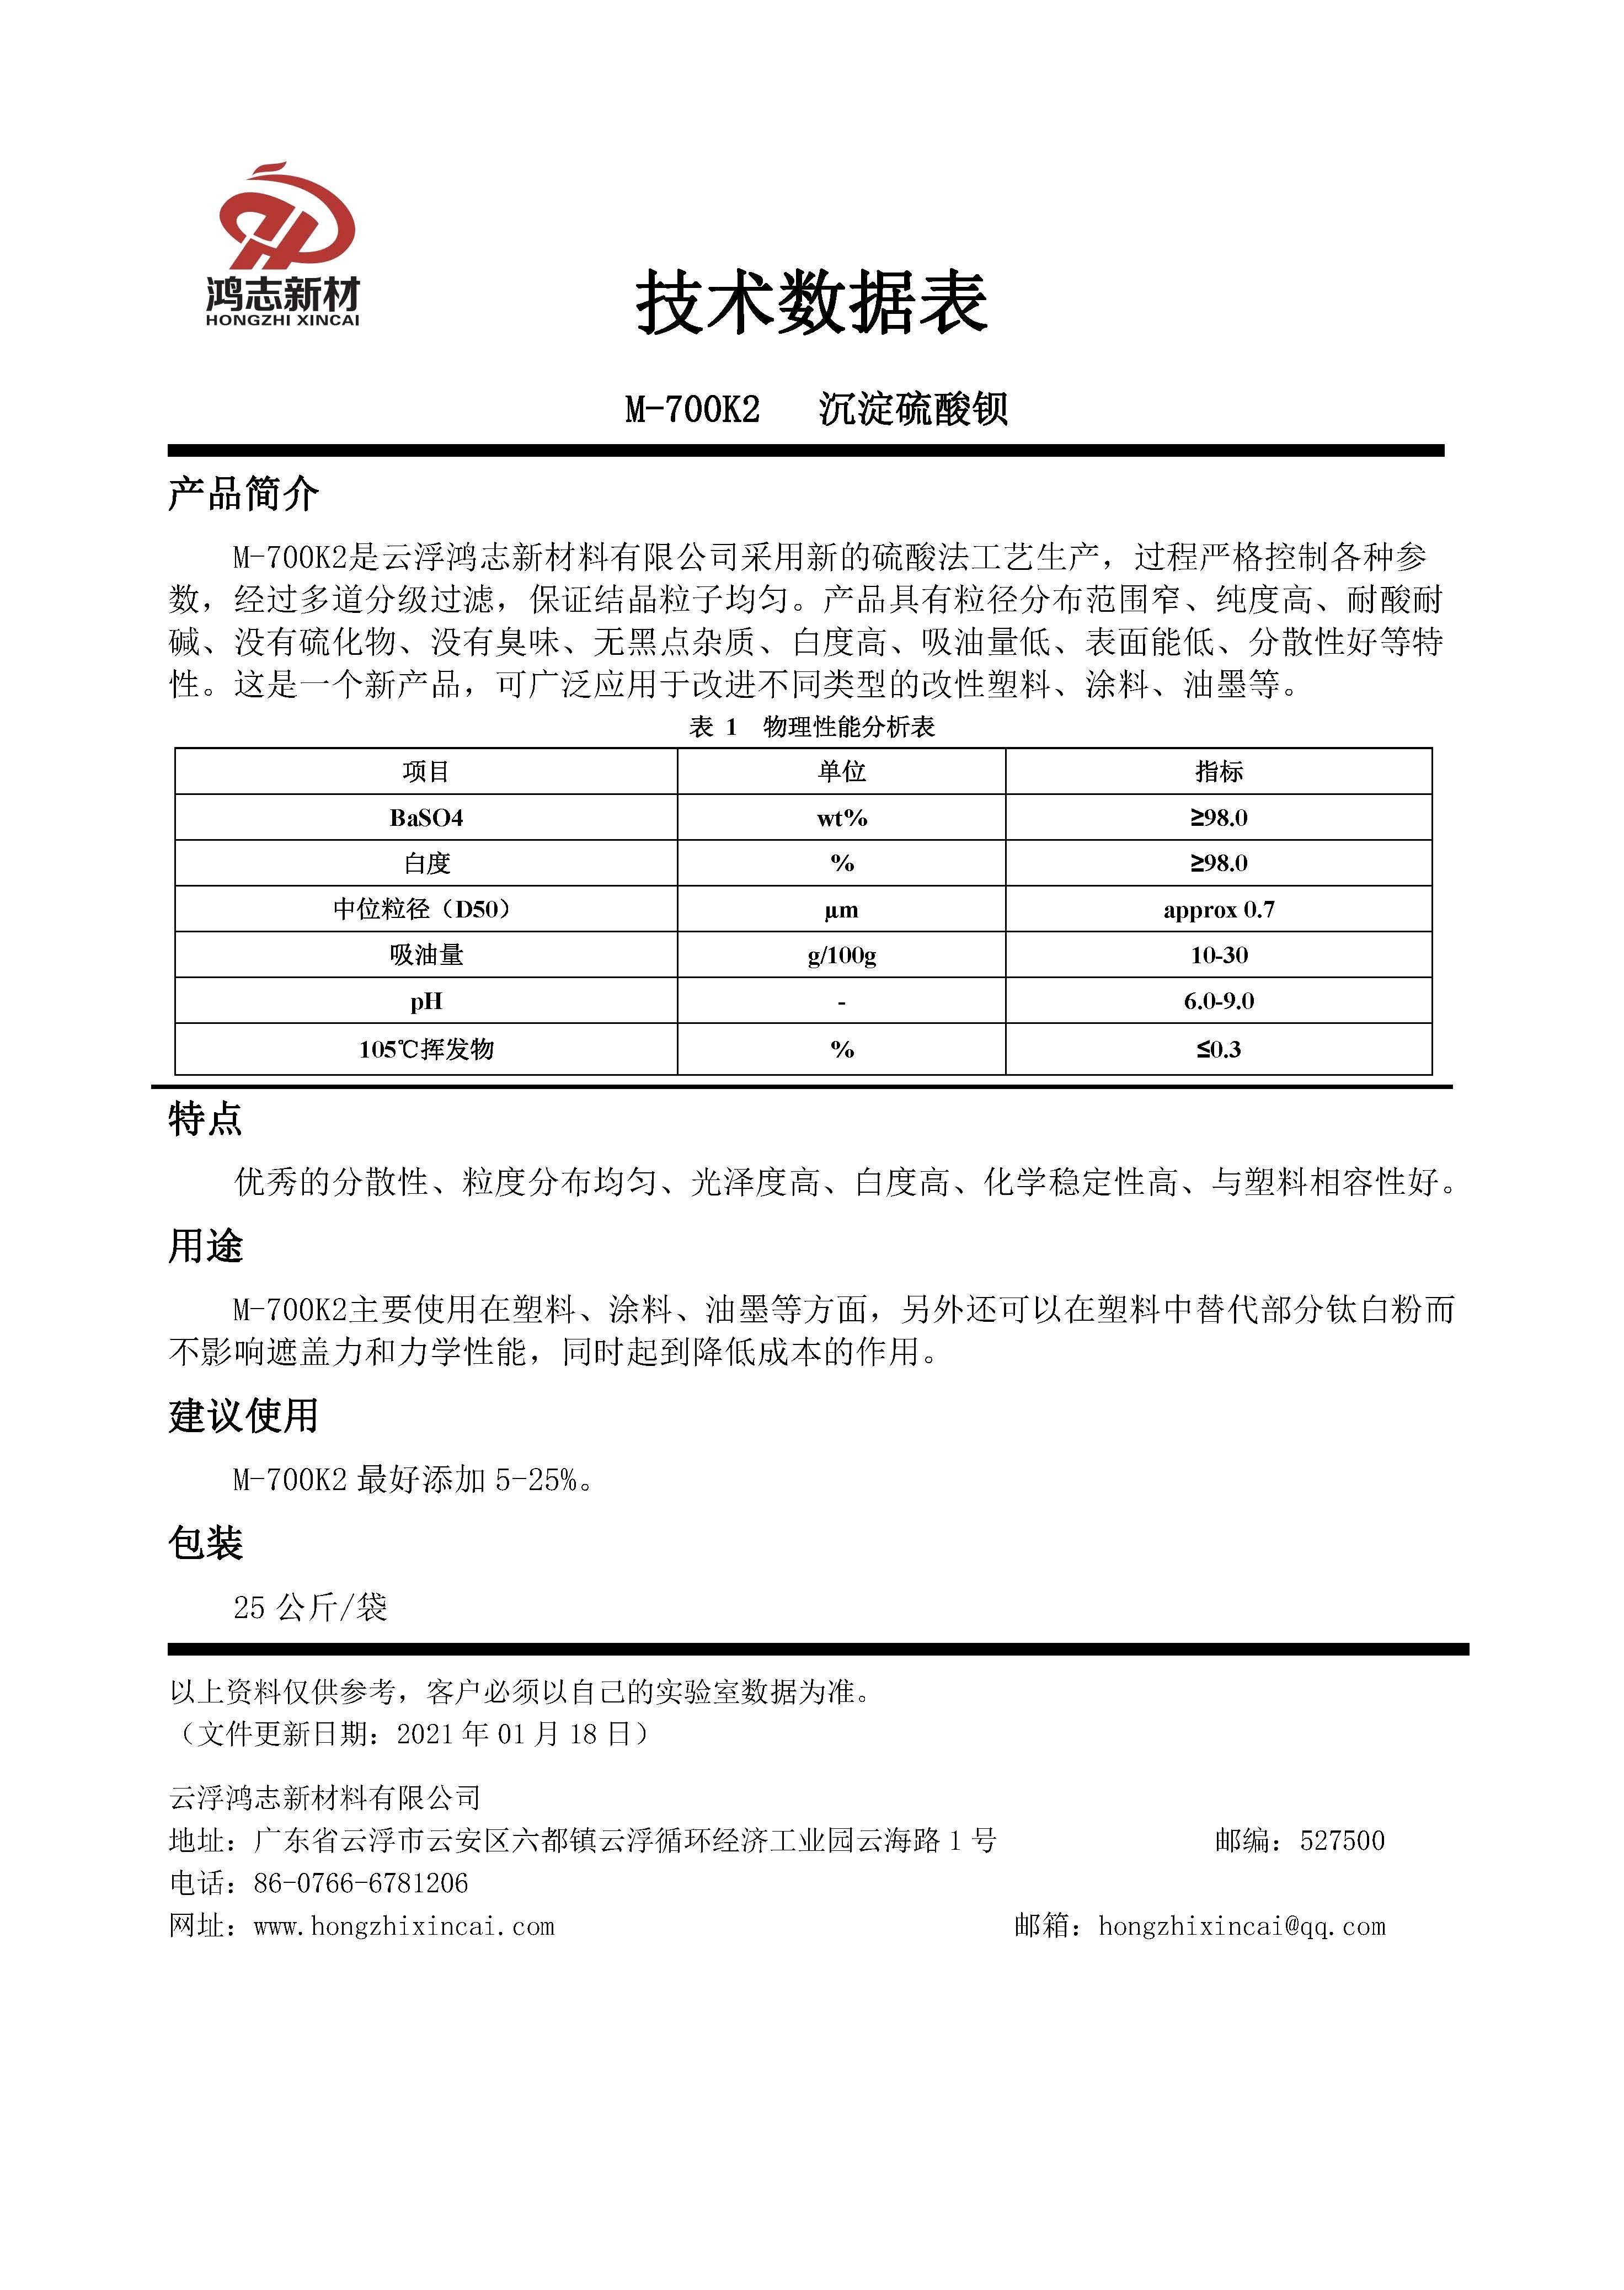 寰俊鍥剧墖_20210514180520.jpg